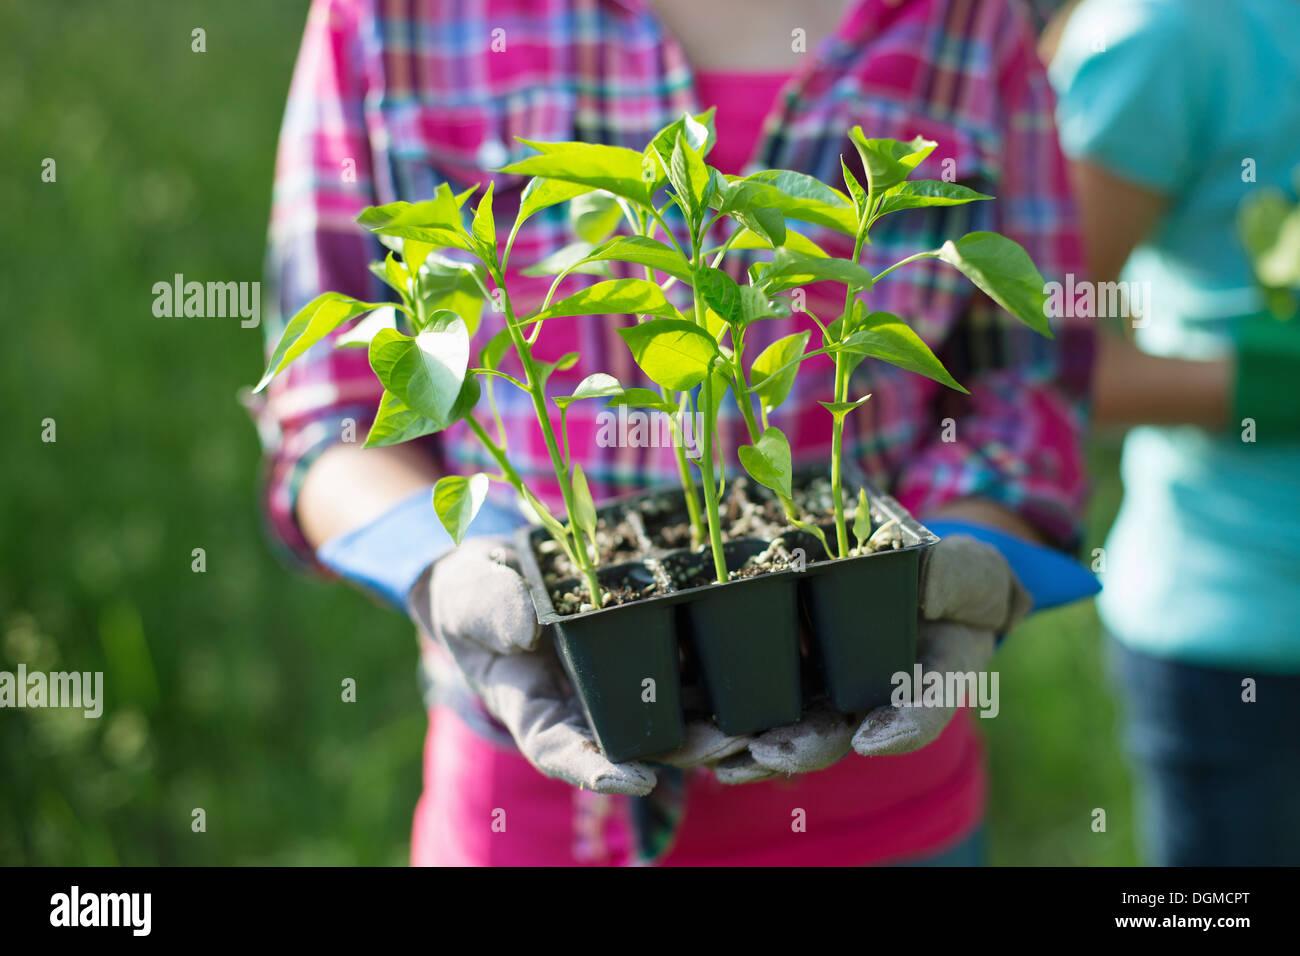 Ferme biologique. Fête de l'été. Une jeune fille tenant un plateau de jeunes plantules enracinées. Photo Stock